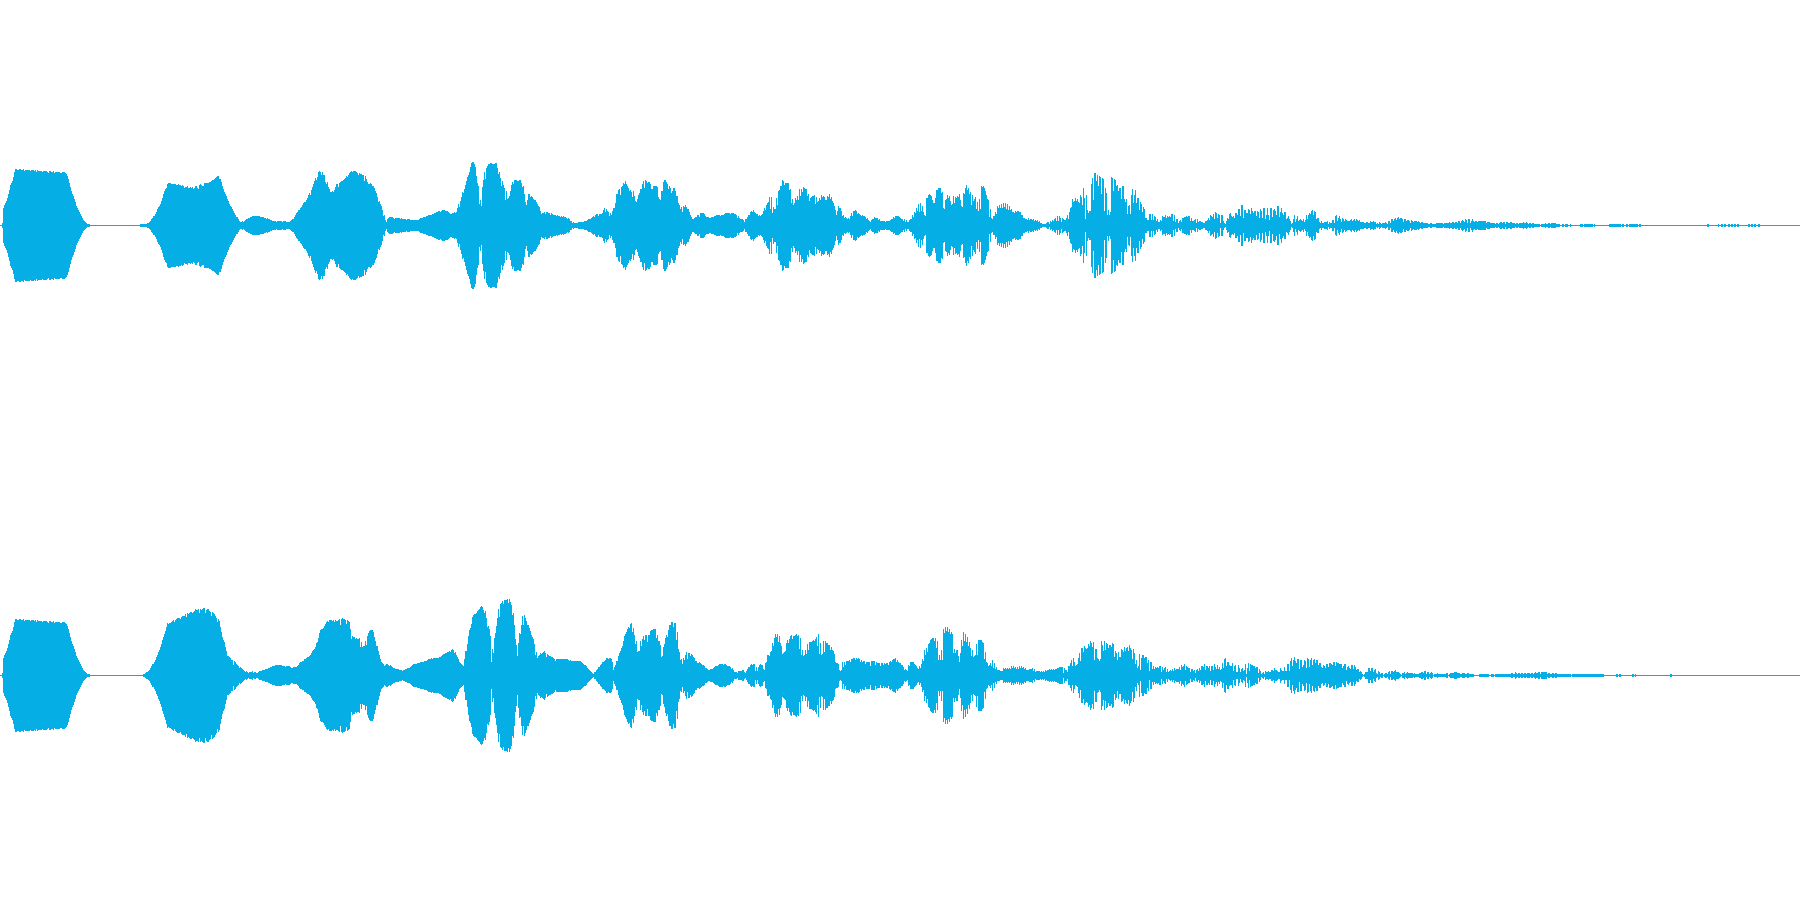 ヒューン 巻き戻しキャンセル落下 決定音の再生済みの波形